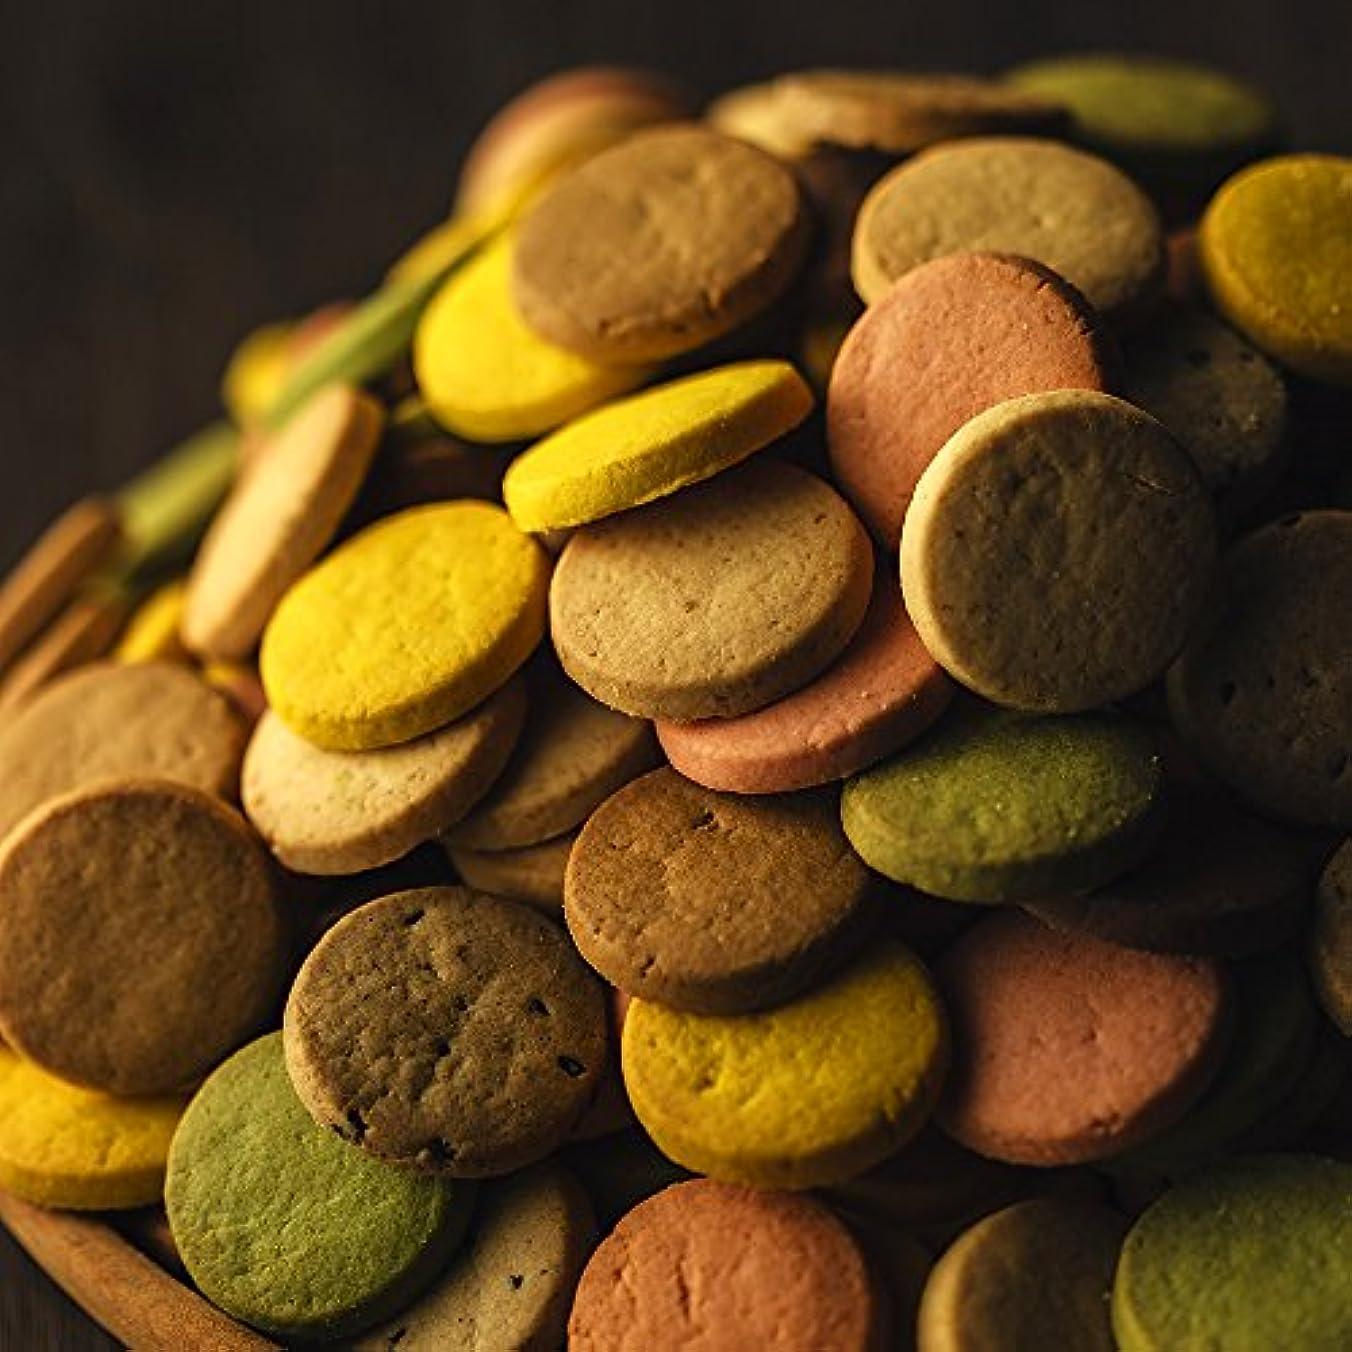 割り当て炎上シンポジウム豆乳おからクッキー蒟蒻マンナン入り 1kg